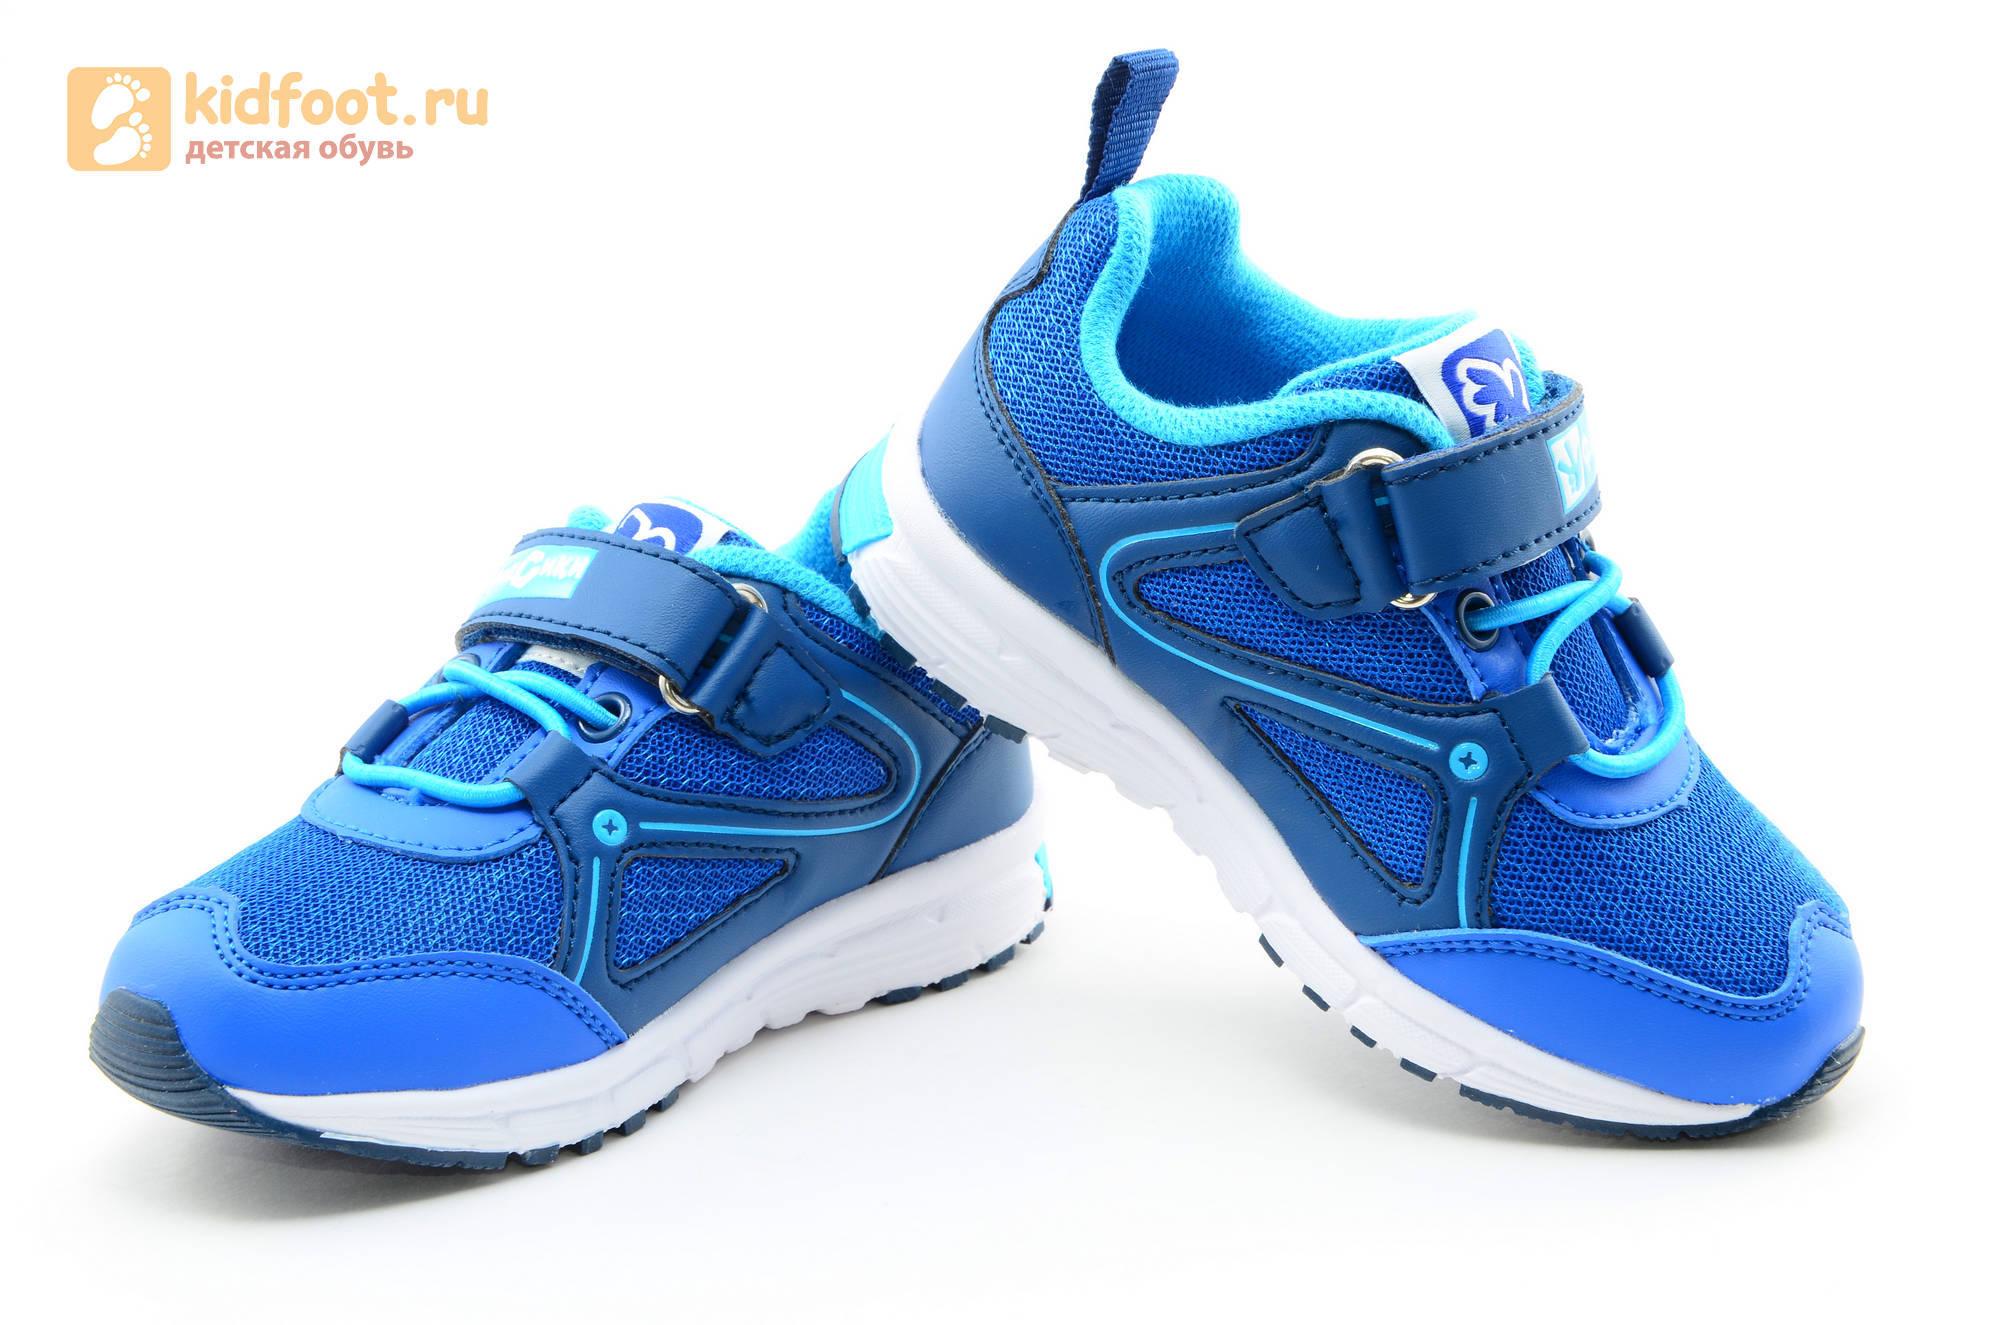 Светящиеся кроссовки для мальчиков Фиксики на липучках, цвет синий, мигает картинка сбоку